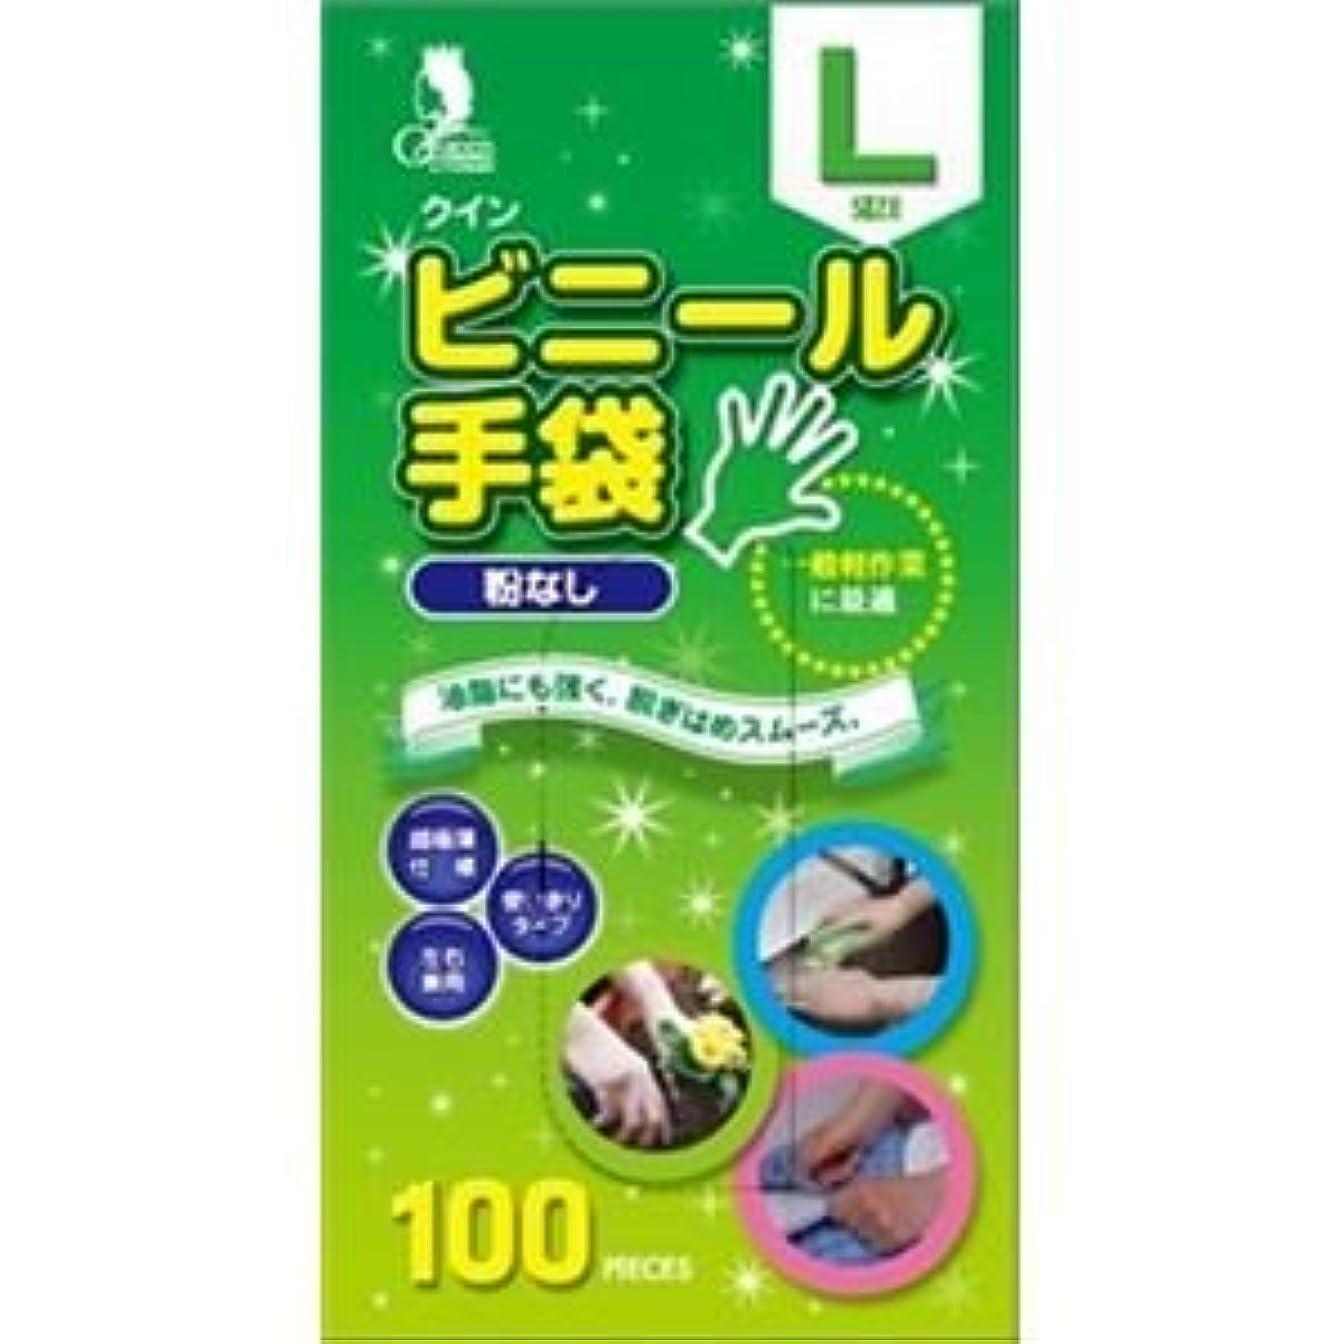 (まとめ)宇都宮製作 クインビニール手袋100枚入 L (N) 【×3点セット】